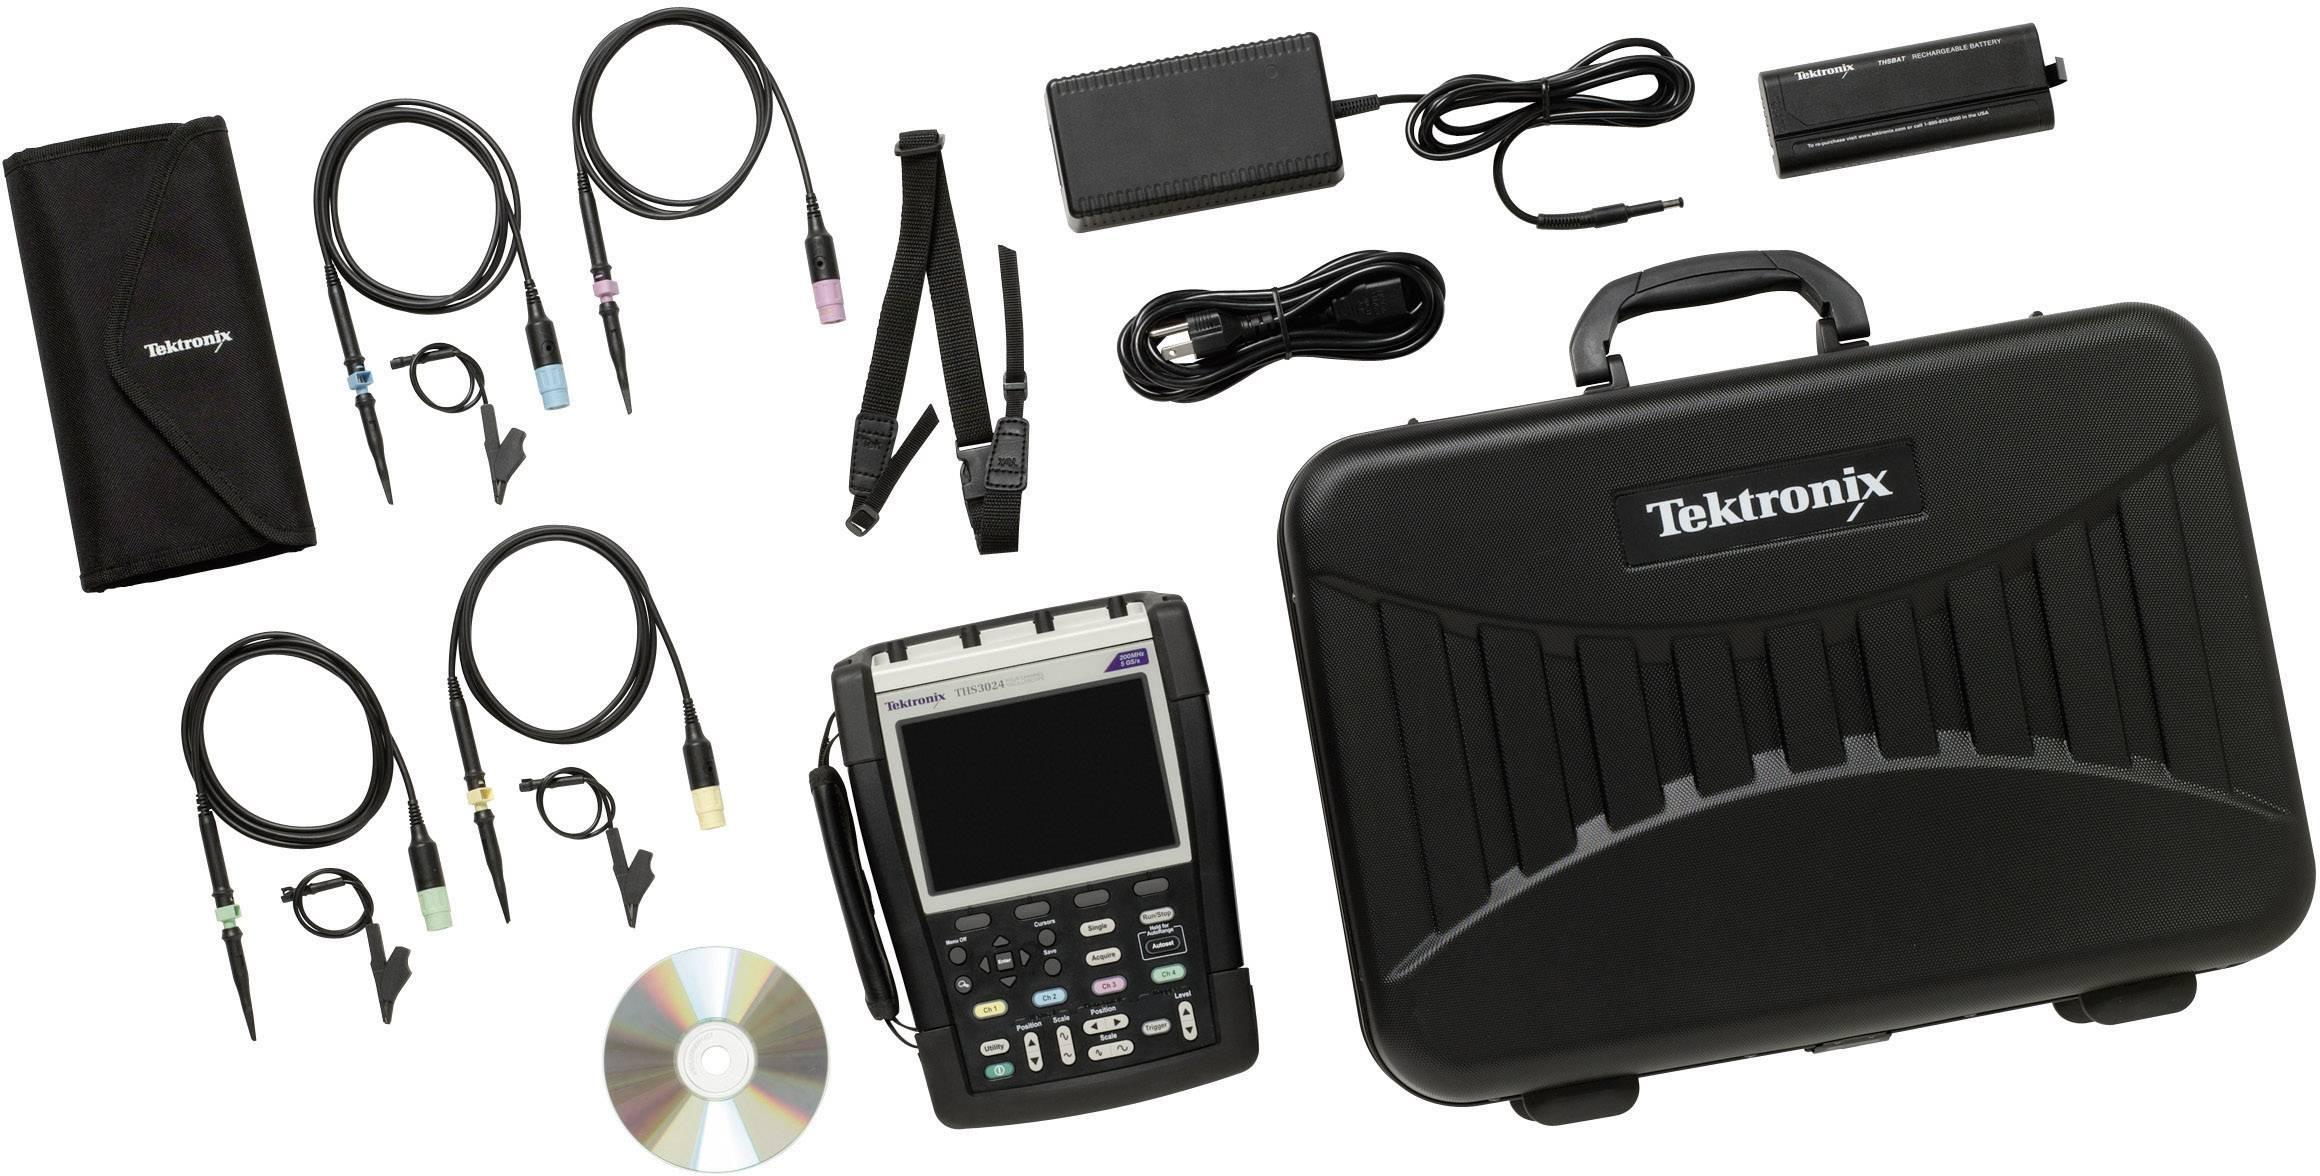 Ručný osciloskop Tektronix THS3024-TK, 200 MHz, 4-kanálový